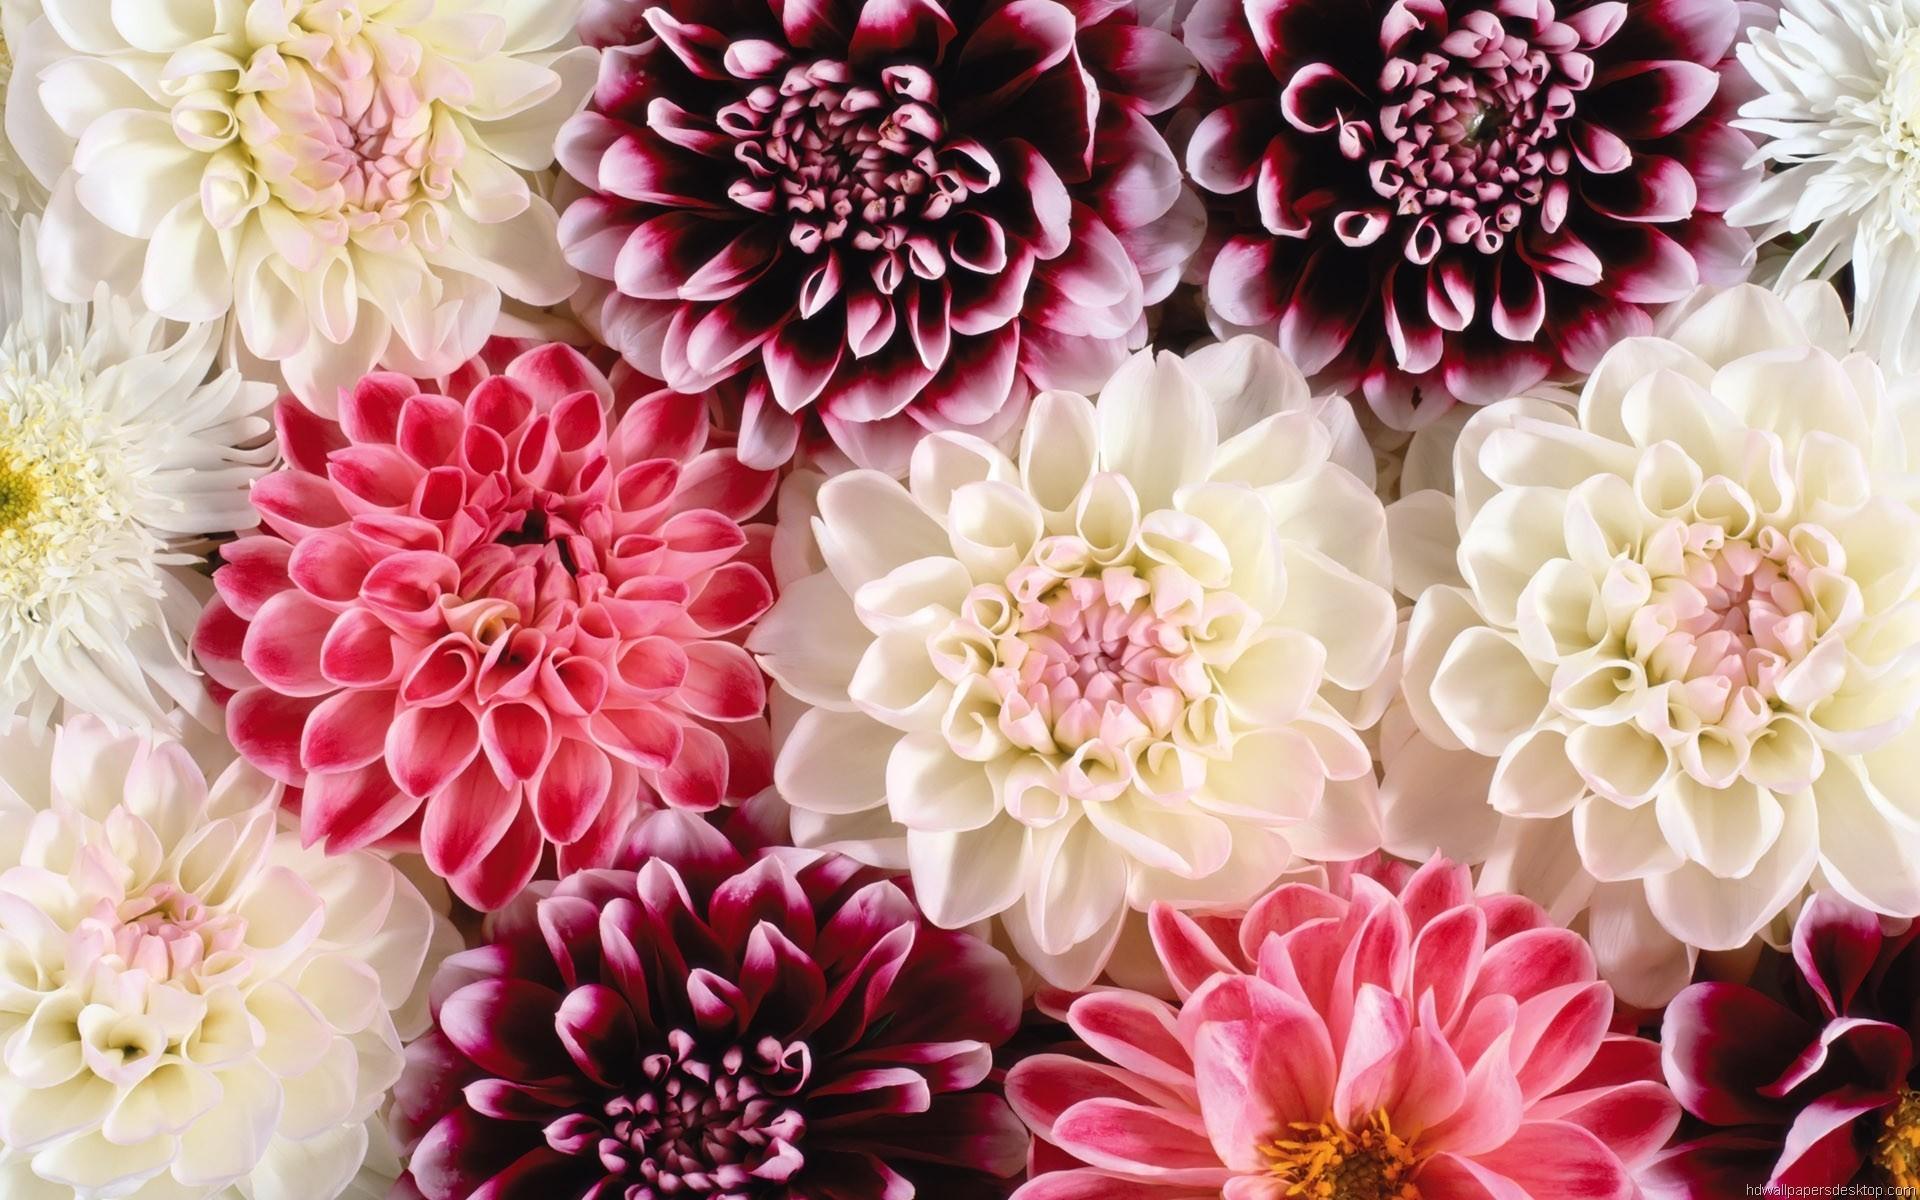 Floral Desktop Backgrounds (51+ images)